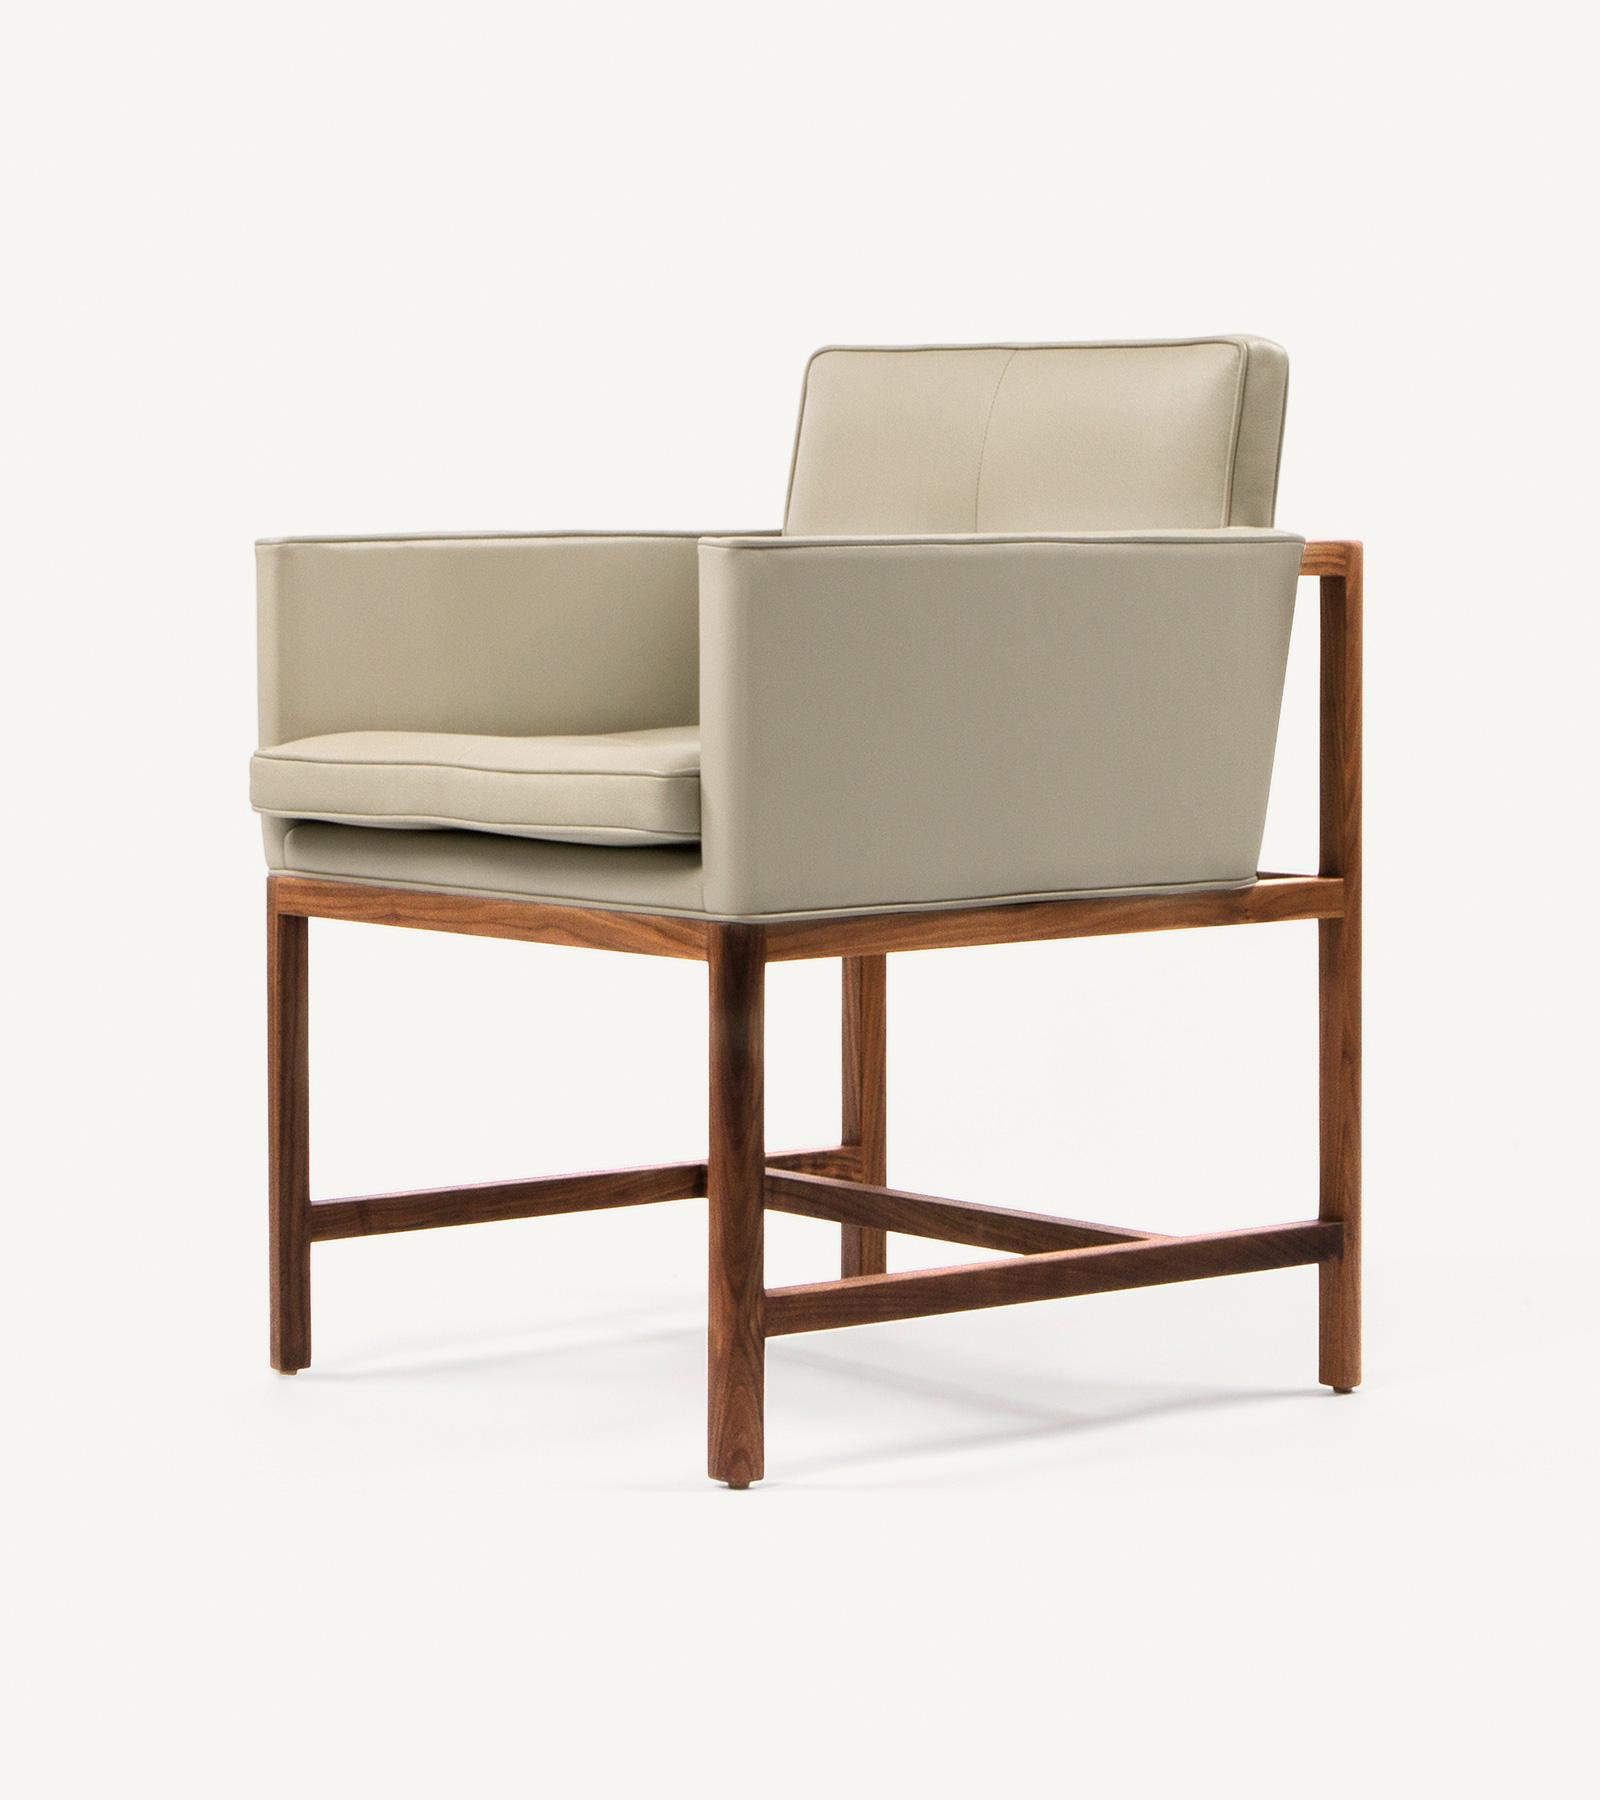 TinnappleMetz-bassamfellows-Wood-Frame-Chair-07